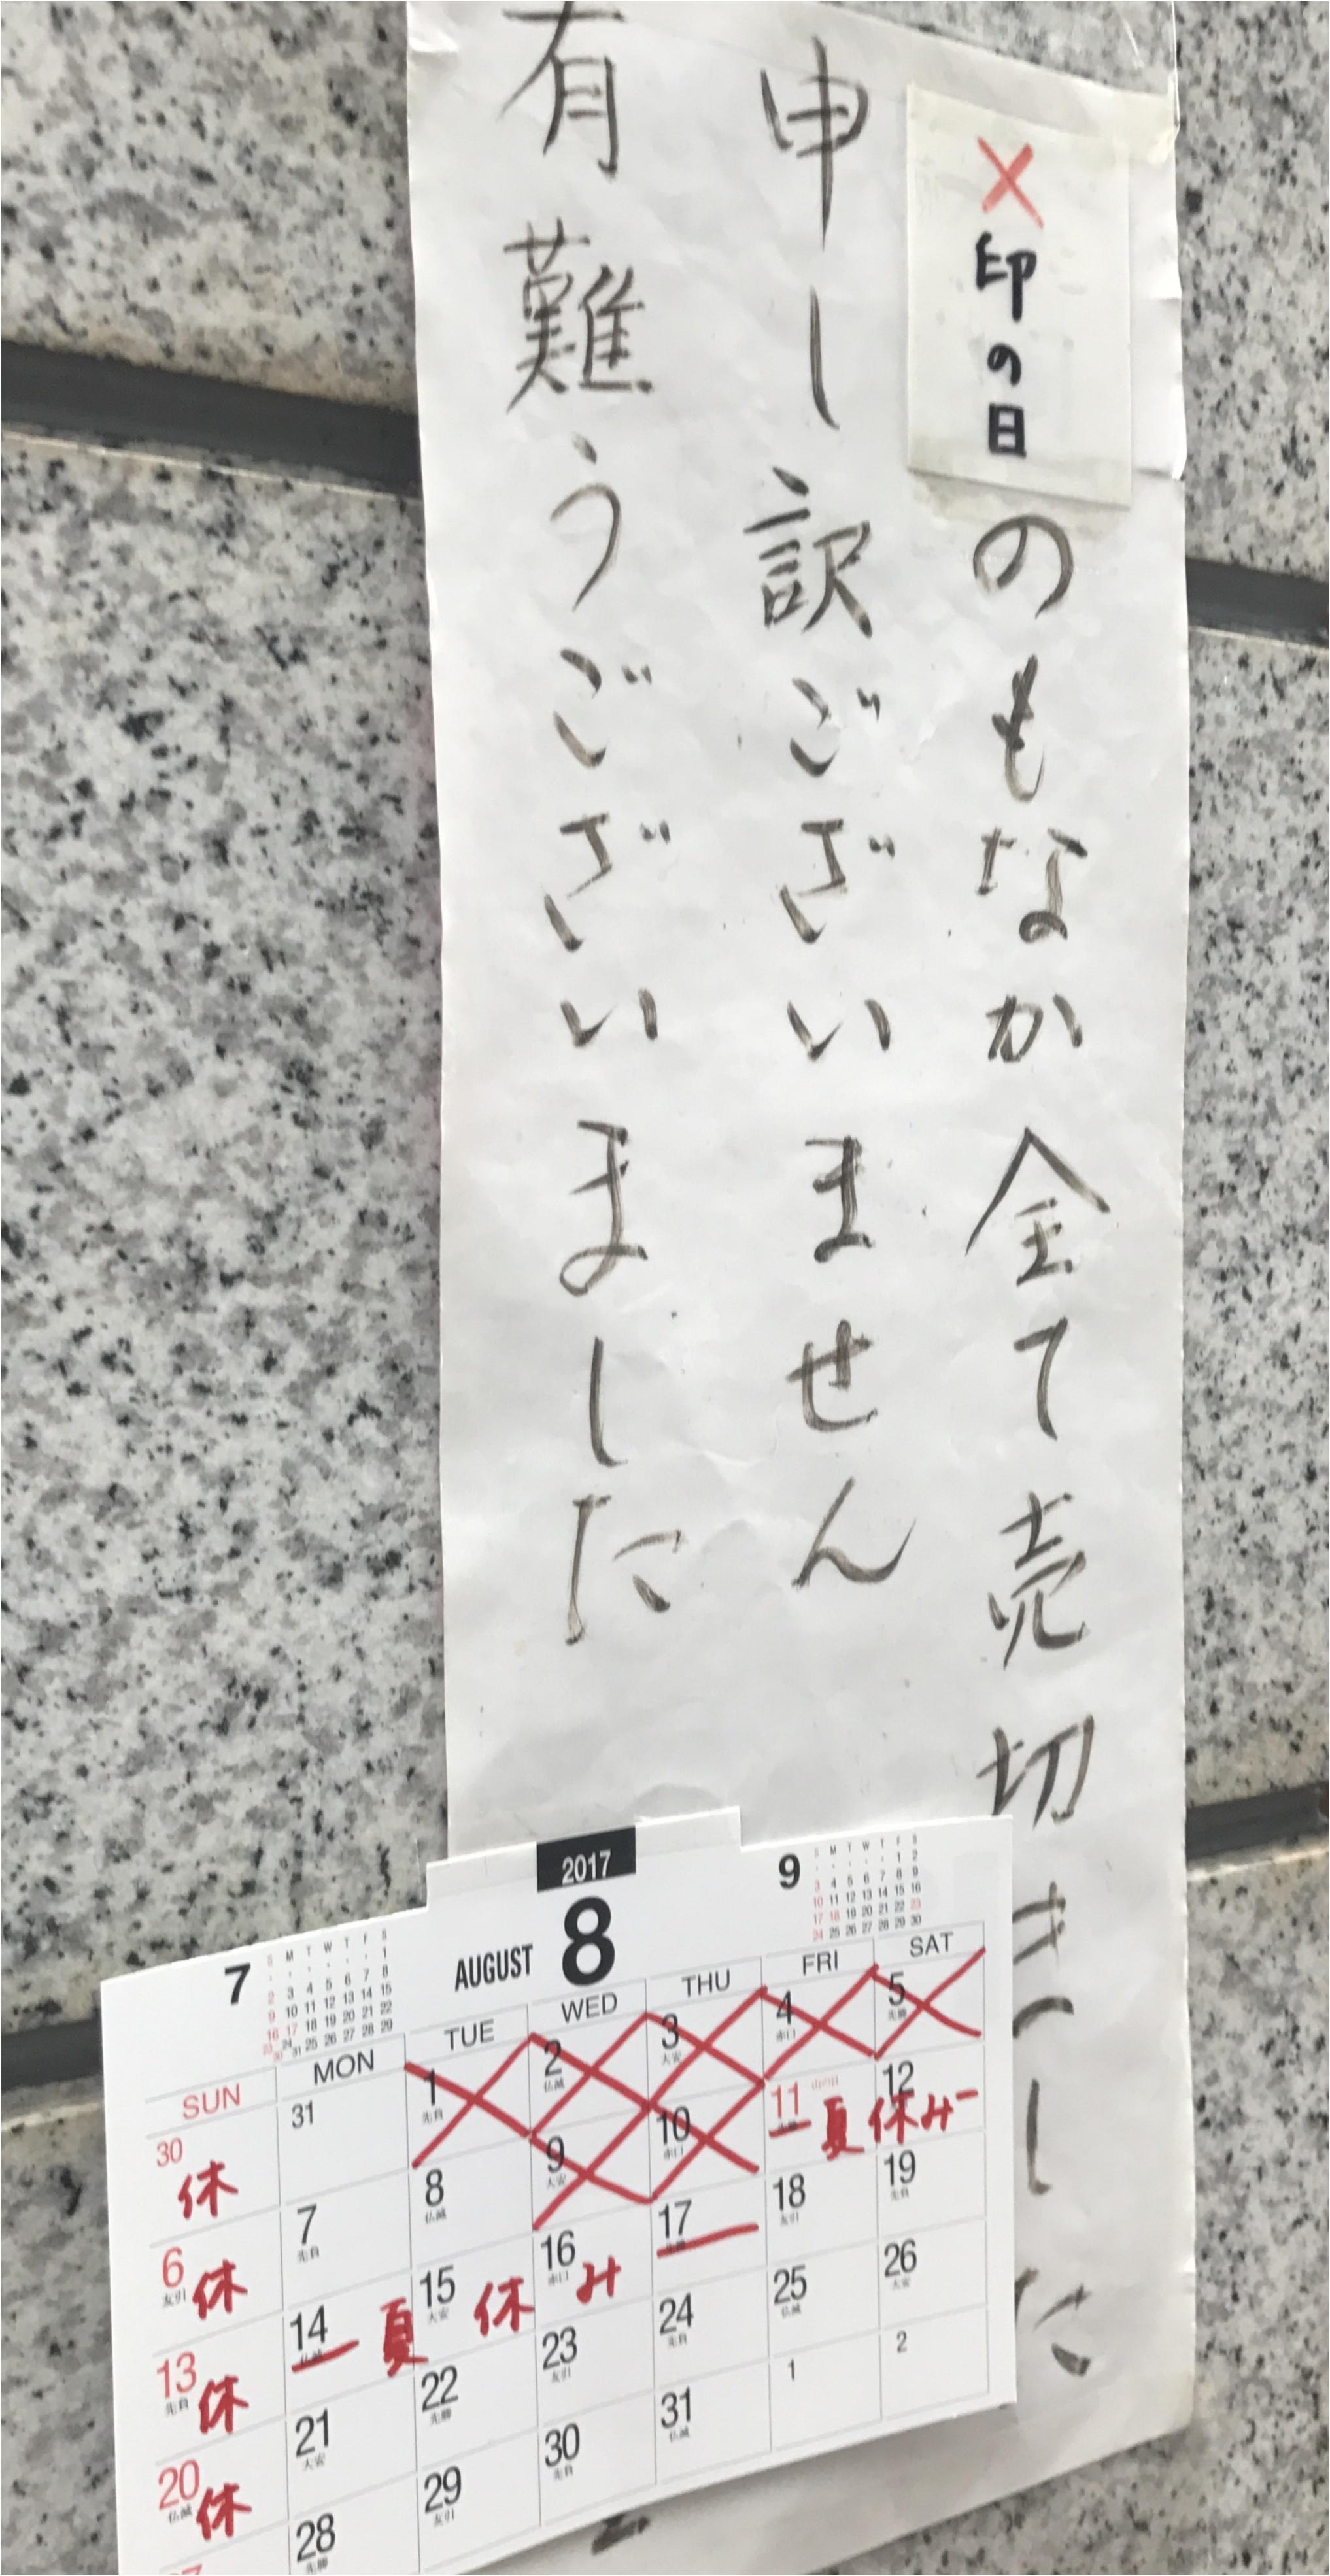 お盆休みなどの帰省におすすめの手土産特集 - 東京駅で人気のお土産ランキングやご当地土産まとめ_85